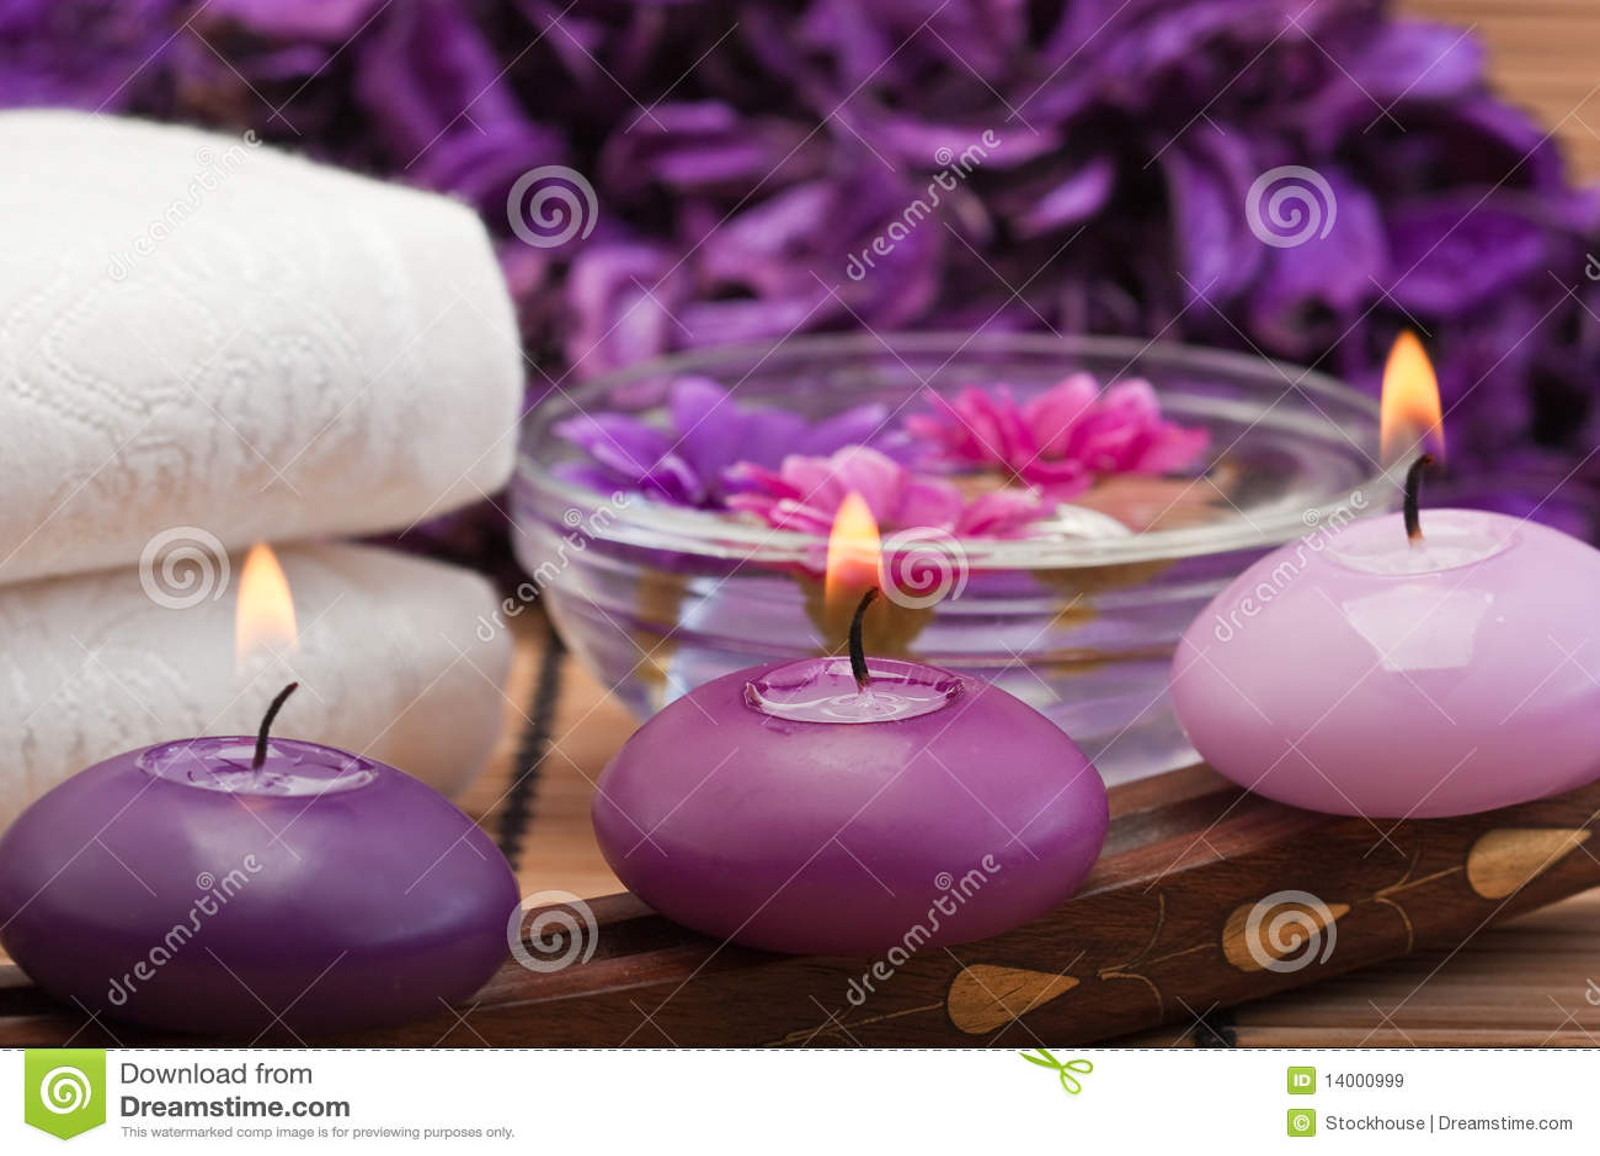 Purpurrote Kerzen und Blumen in Badekurorteinstellung (1)